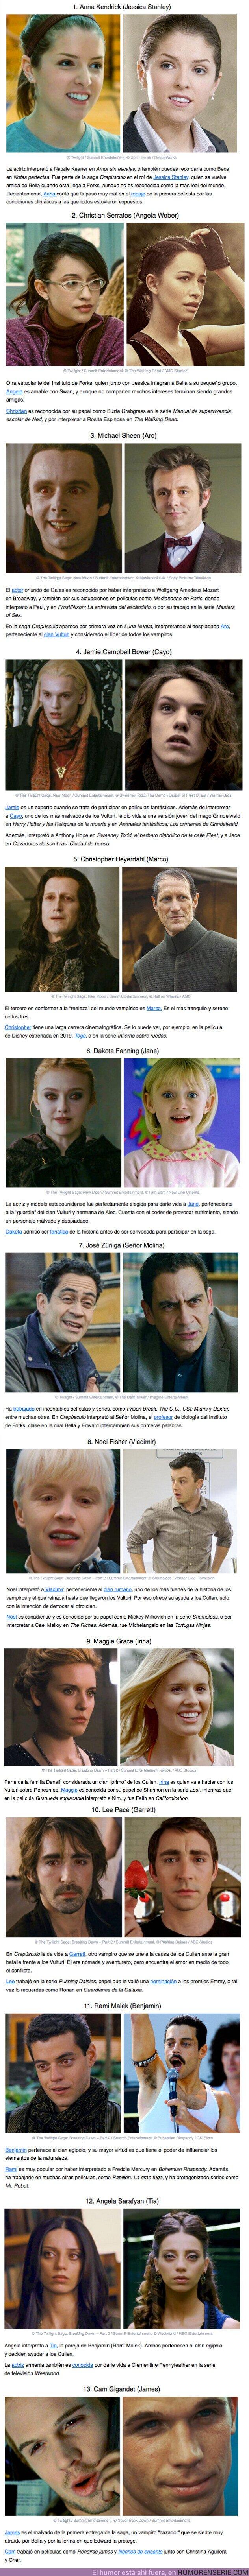 """55618 - GALERÍA: 10+ Actores que participaron en la saga """"Crepúsculo"""" y que tal vez no reconociste en su momento"""